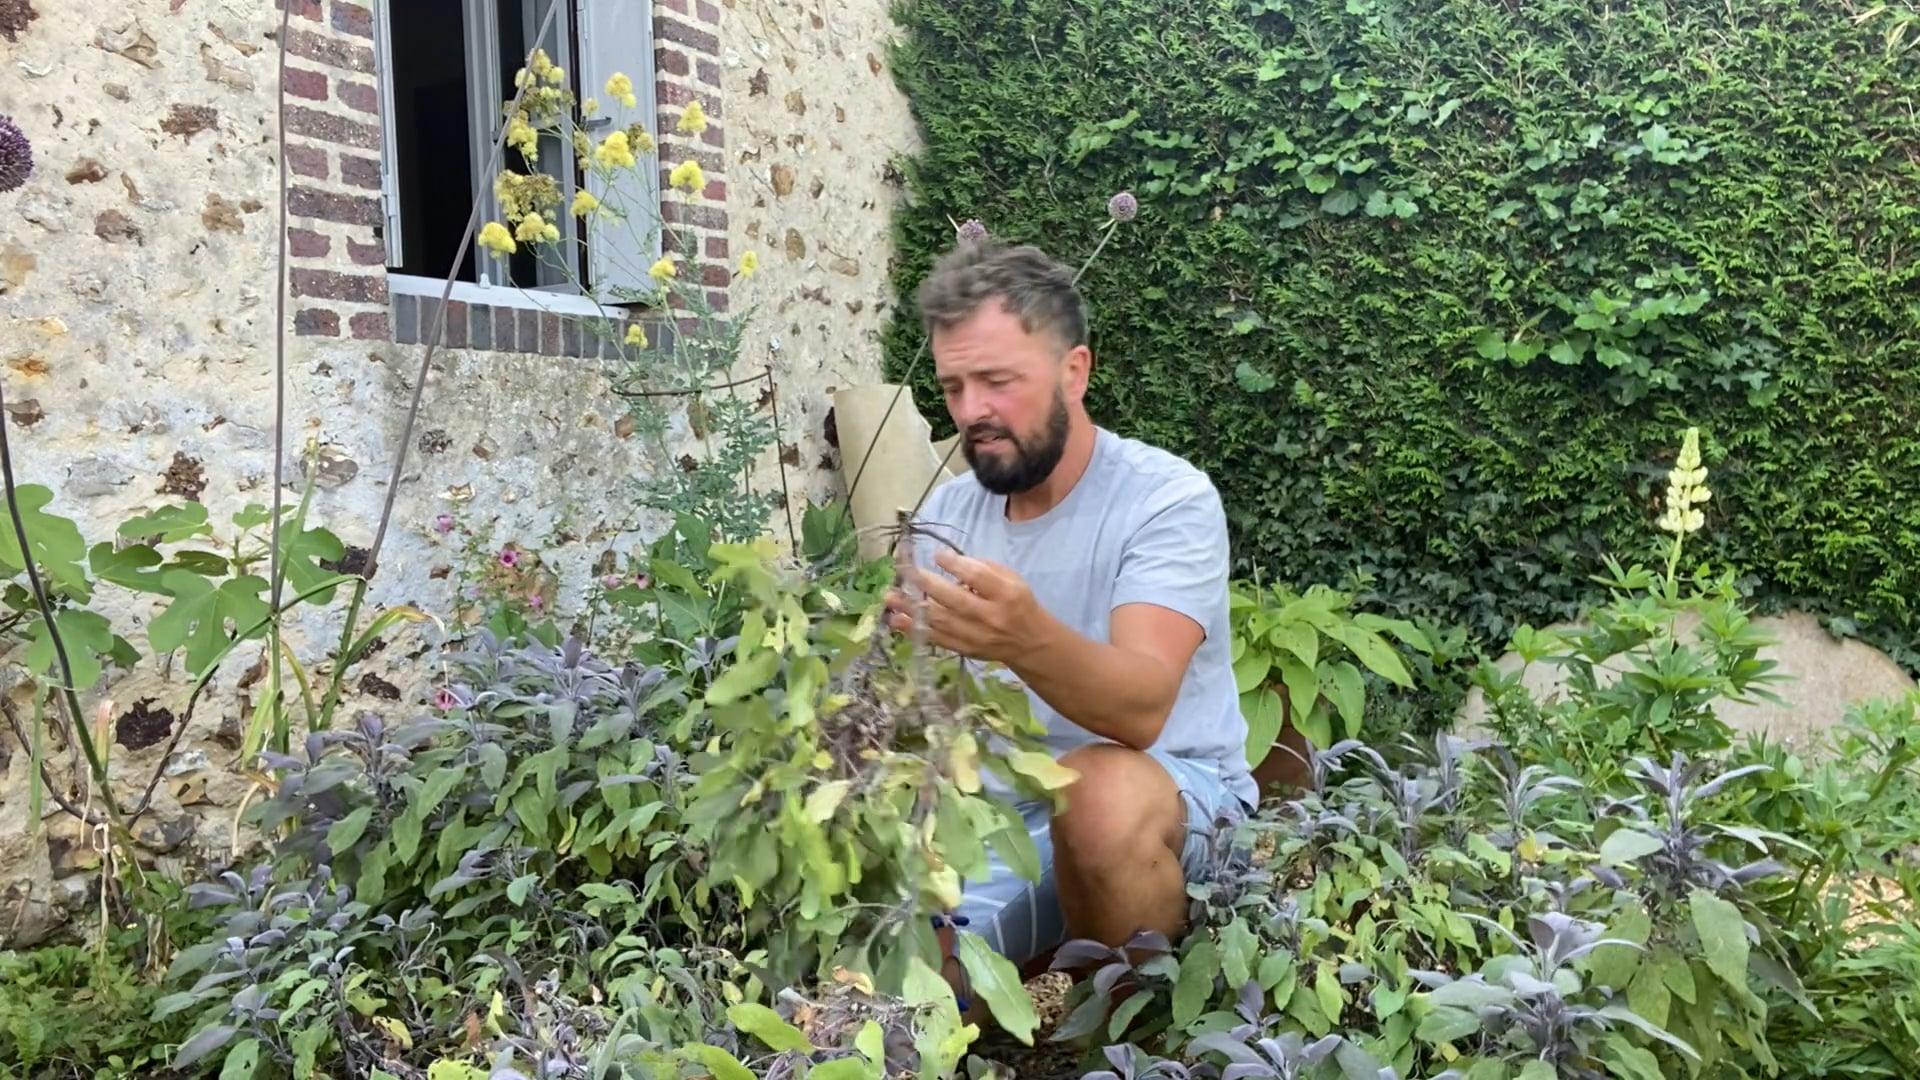 Midsummer Cutting Back Herbs | July 2020